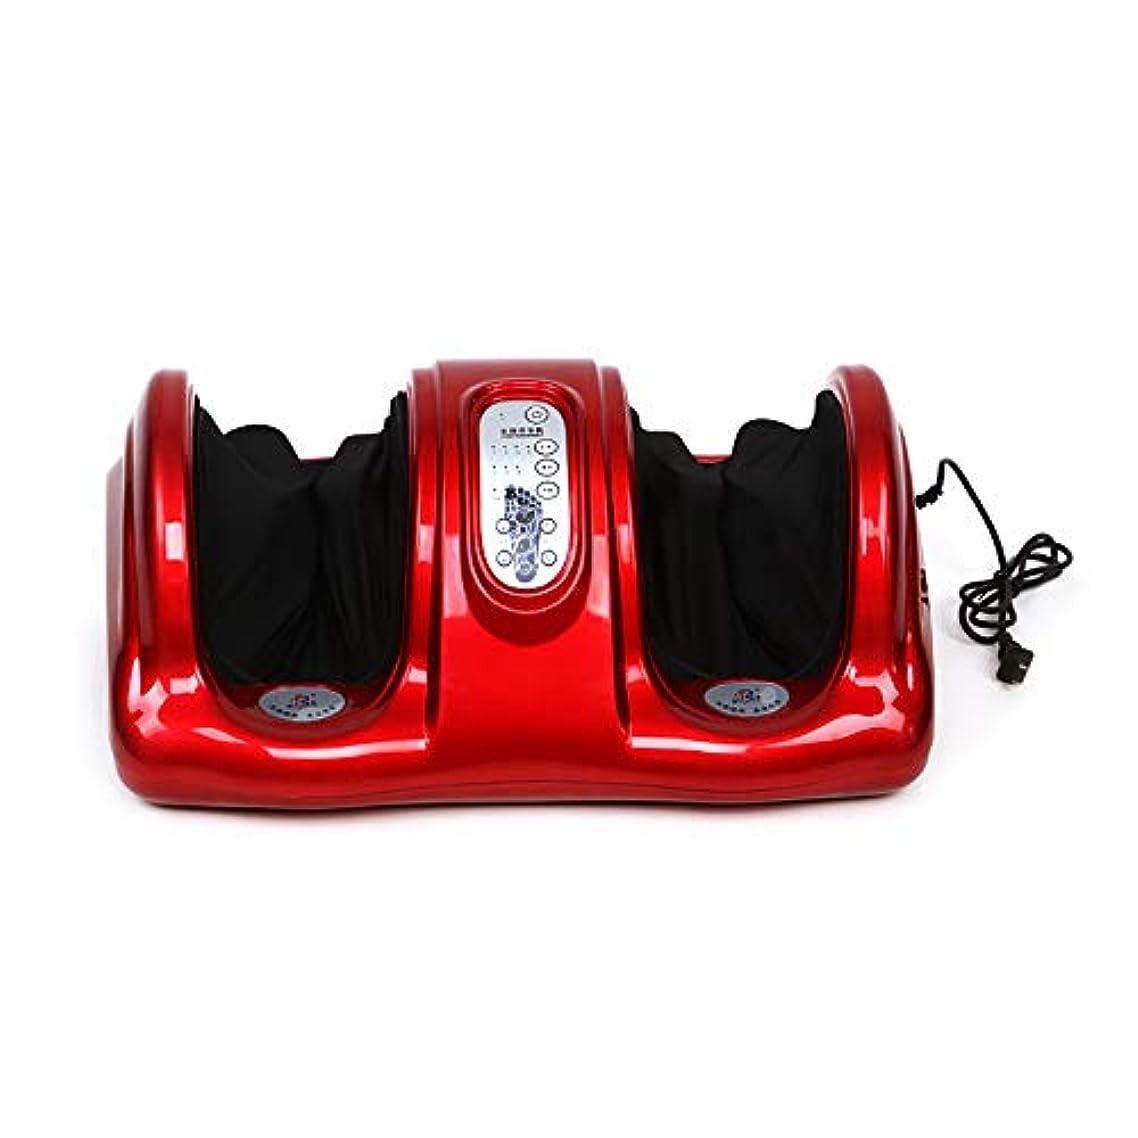 メガロポリスアルファベット順鈍いフットマッサージャー2つのモードの合計7つの速度調整可能な足の足のマッサージャー家族健康ギフト